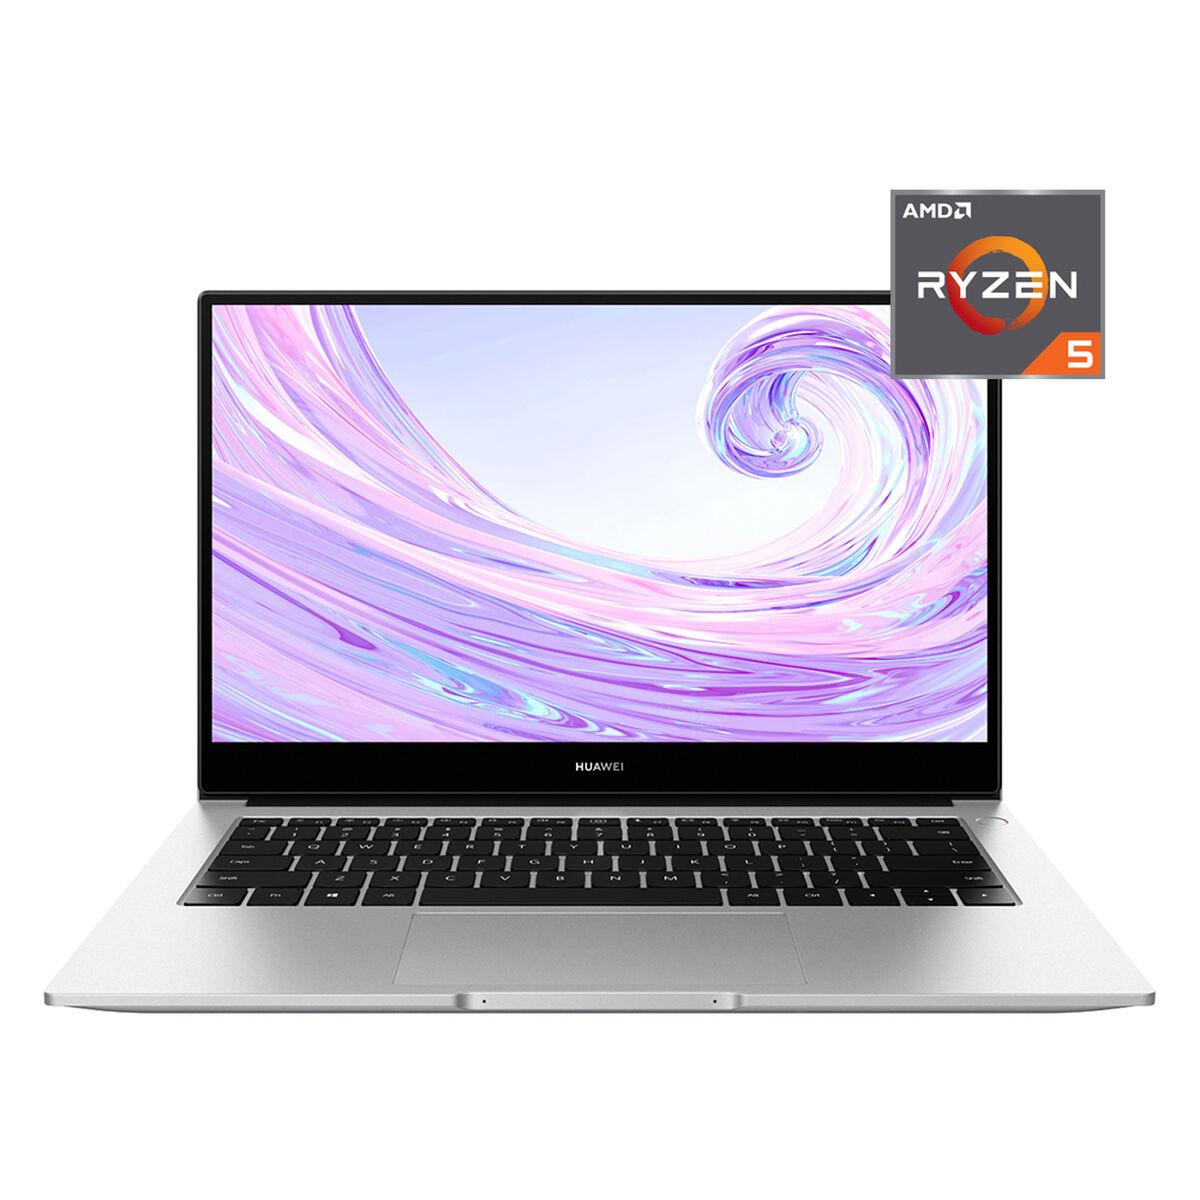 """Notebook Huawei Matebook D 14 Ryzen 5 8GB 256GB SSD 14"""""""